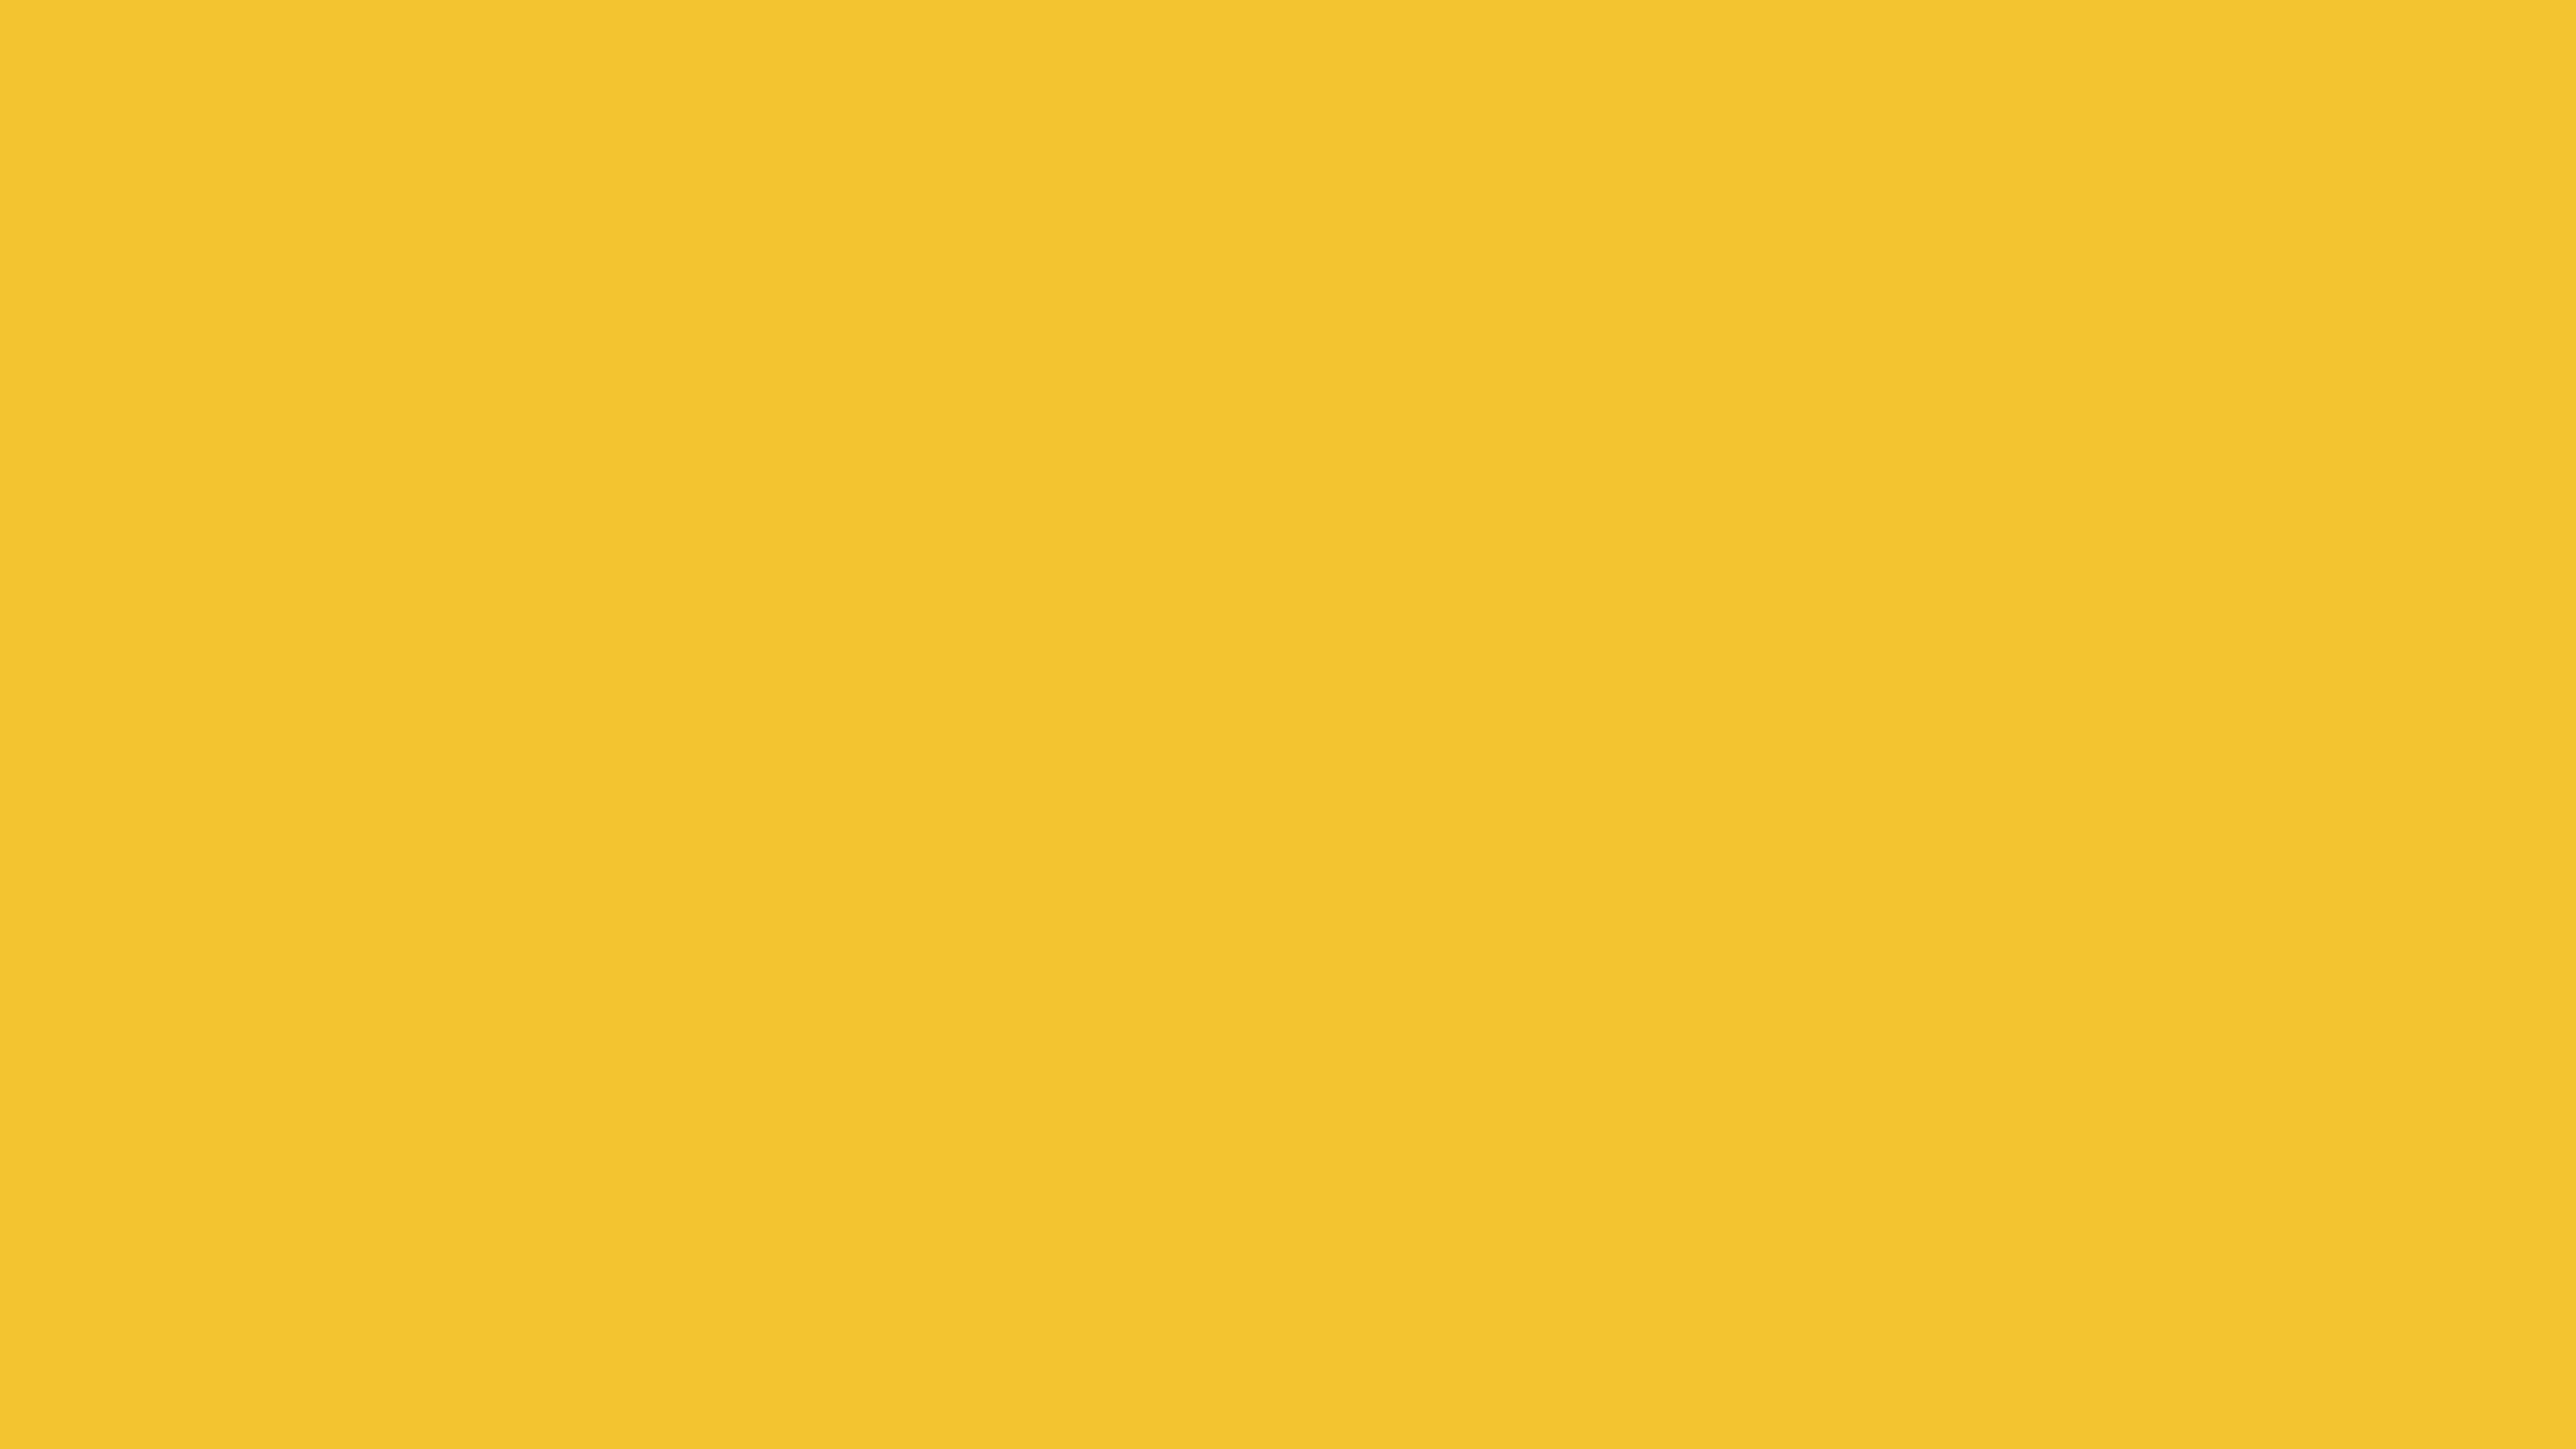 3840x2160 Saffron Solid Color Background